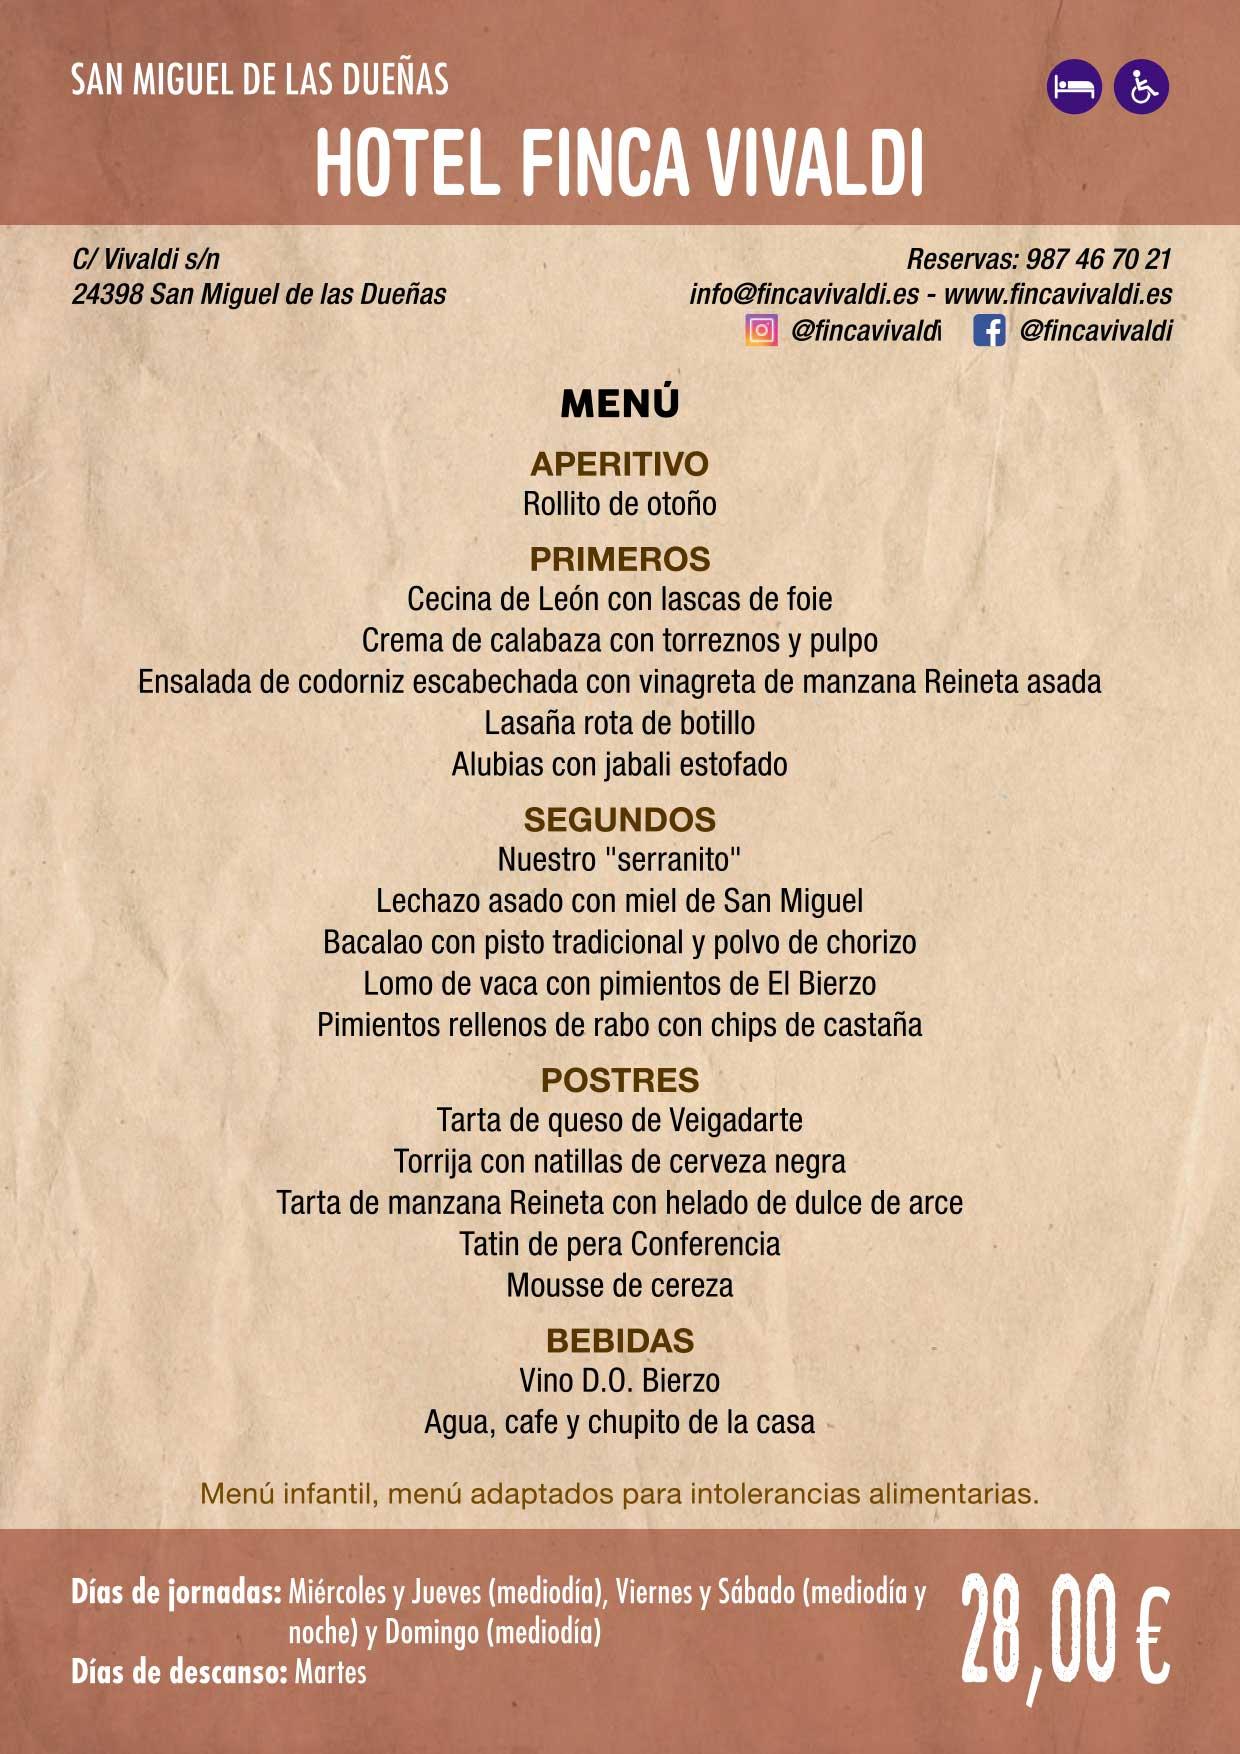 XXXVI Jornadas Gastronómicas De El Bierzo 2020. Consulta los restaurantes y menús 26